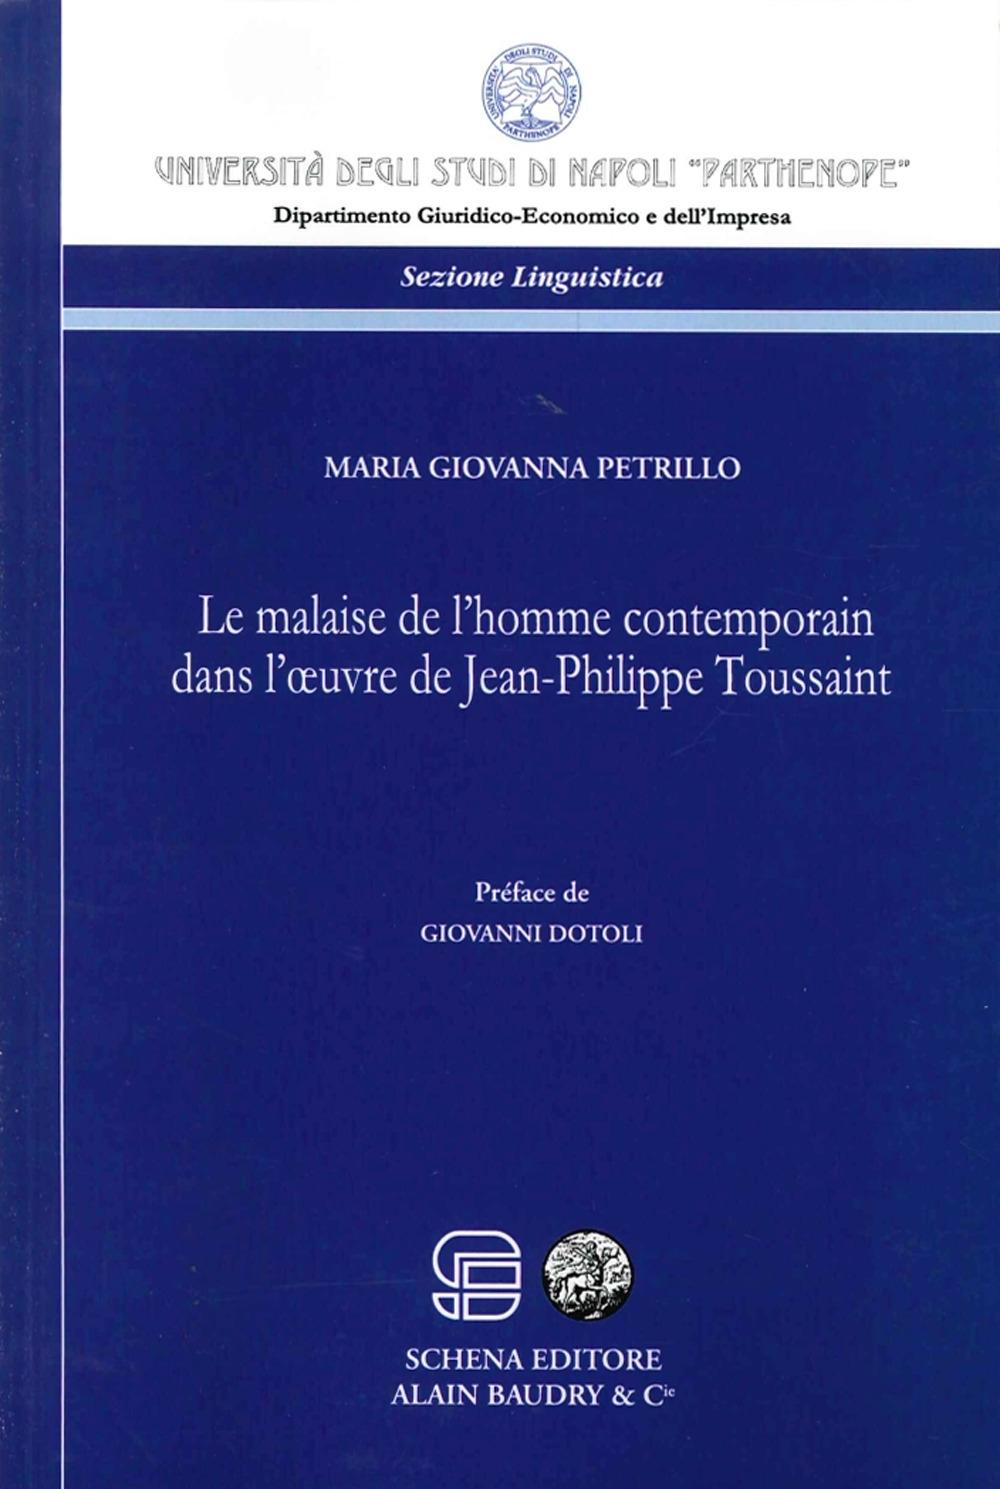 Le Malaise De l'Homme Contemporain Dans l'Oeuvre De Jean-Philippe Toussaint